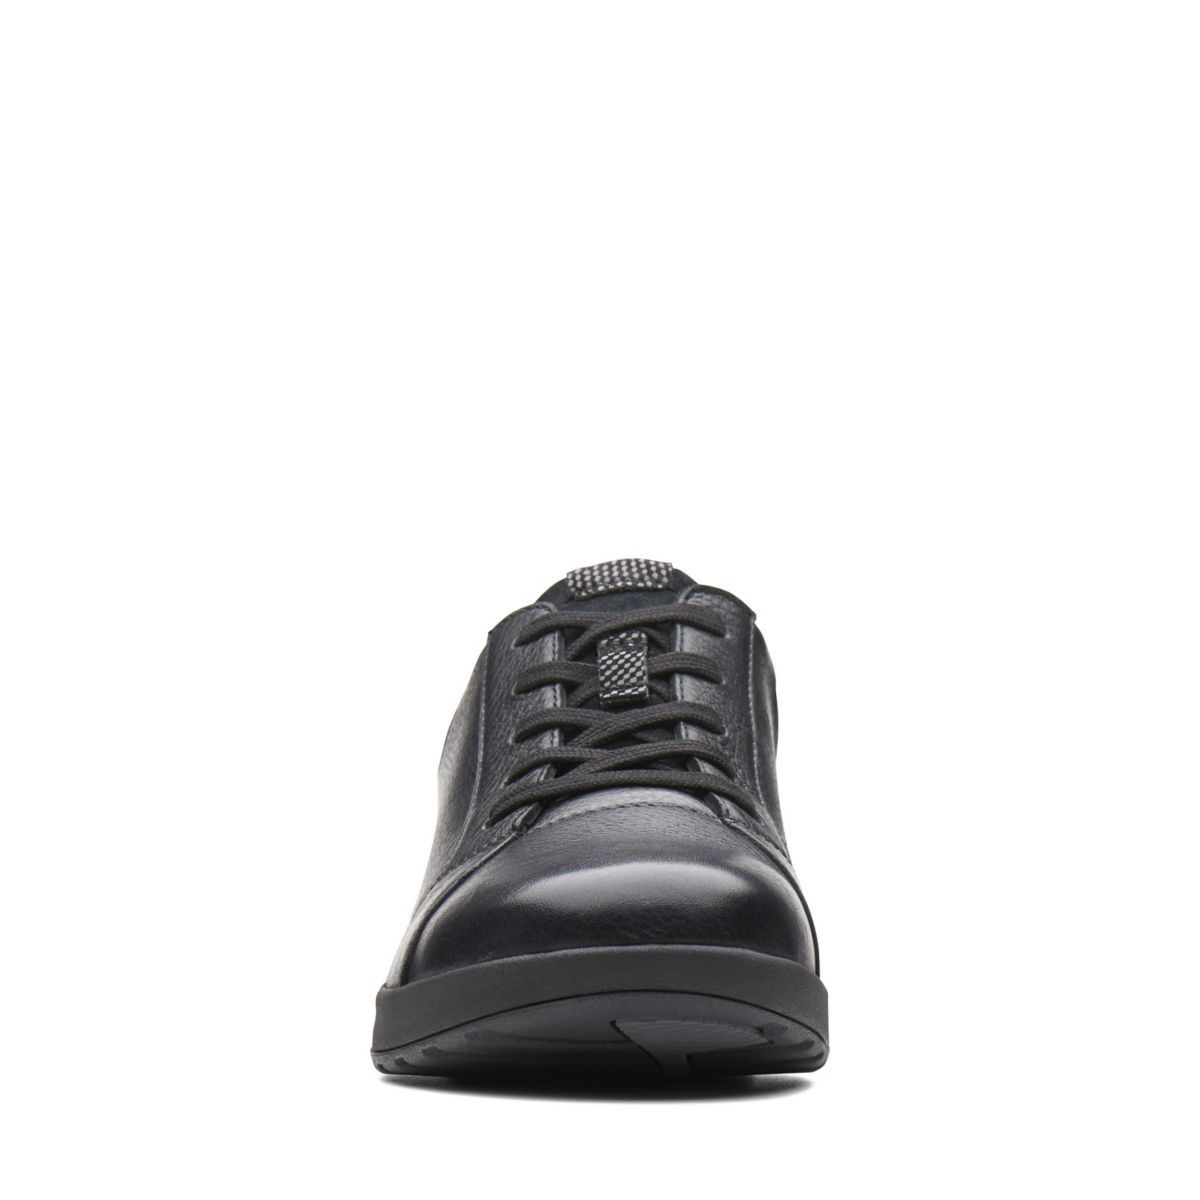 0ac34758665 Clarks Un Adorn Lace - Womens Shoes Black Combination 5 D (Medium)